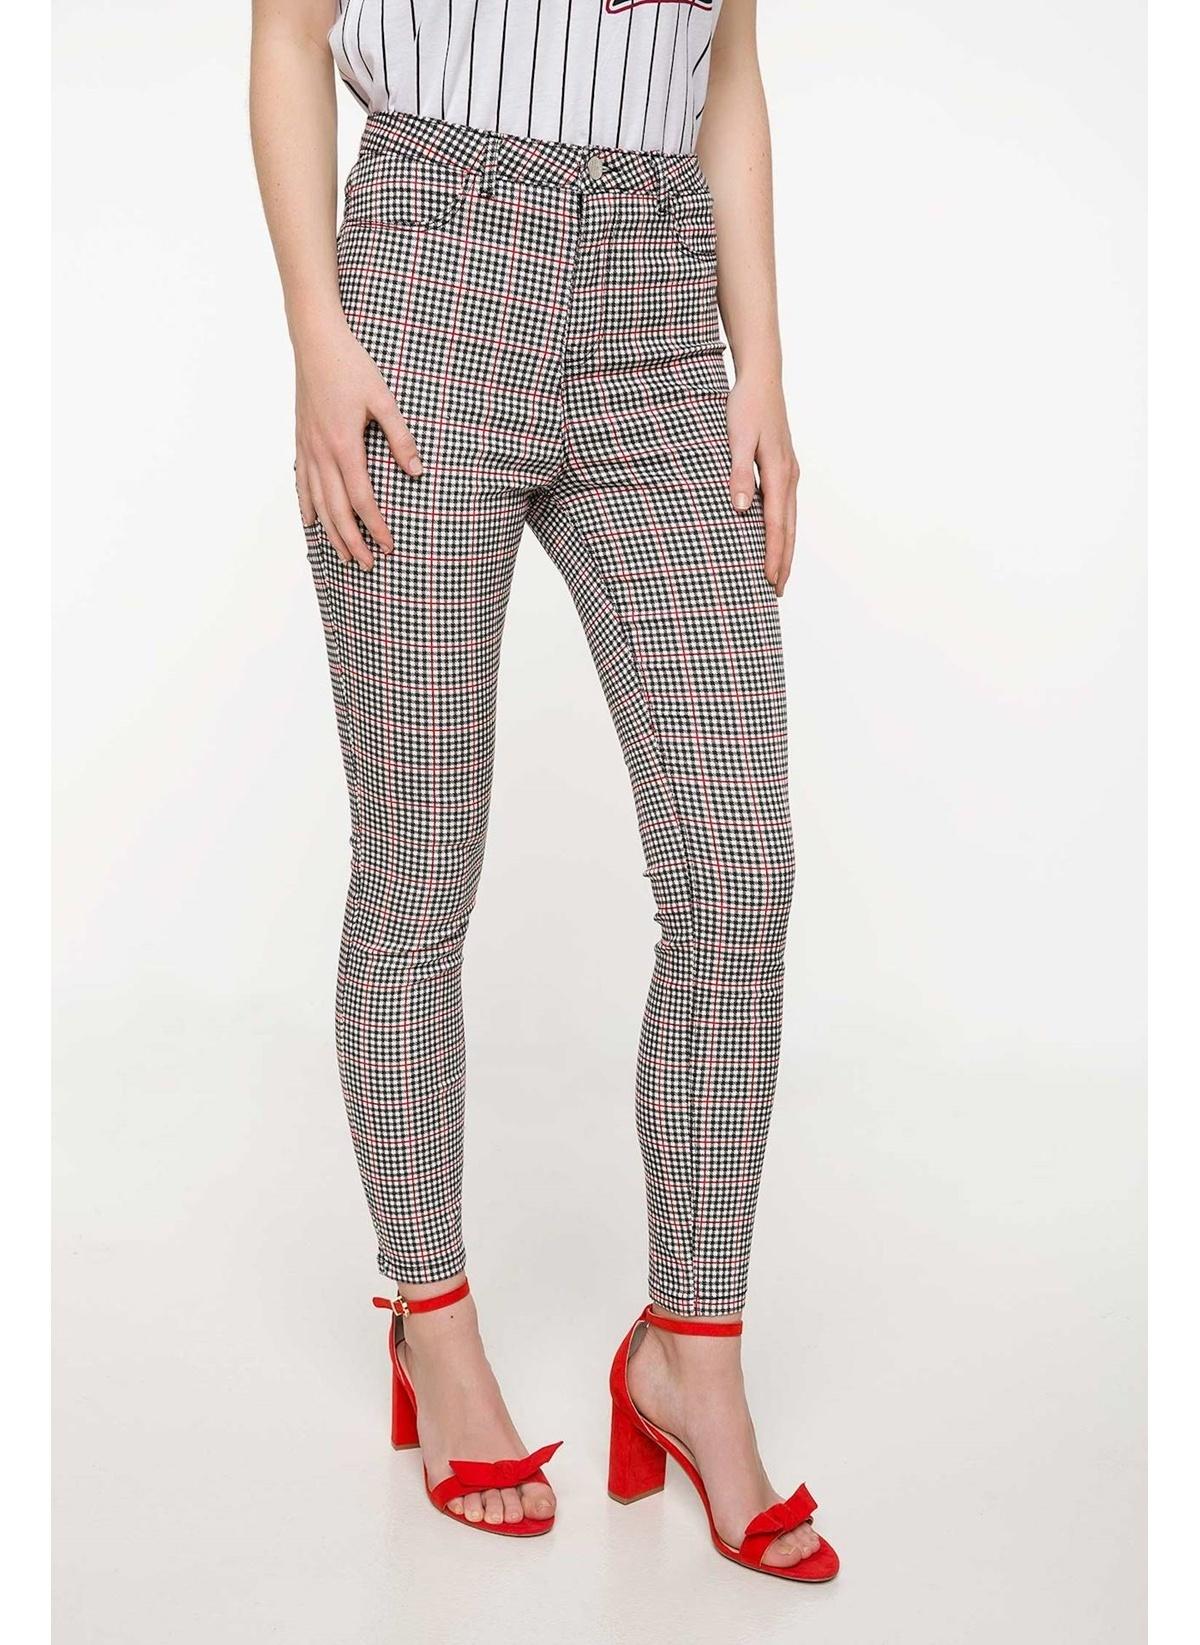 Defacto Slim Fit Pantolon I7731az18smwt43pantolon – 59.99 TL